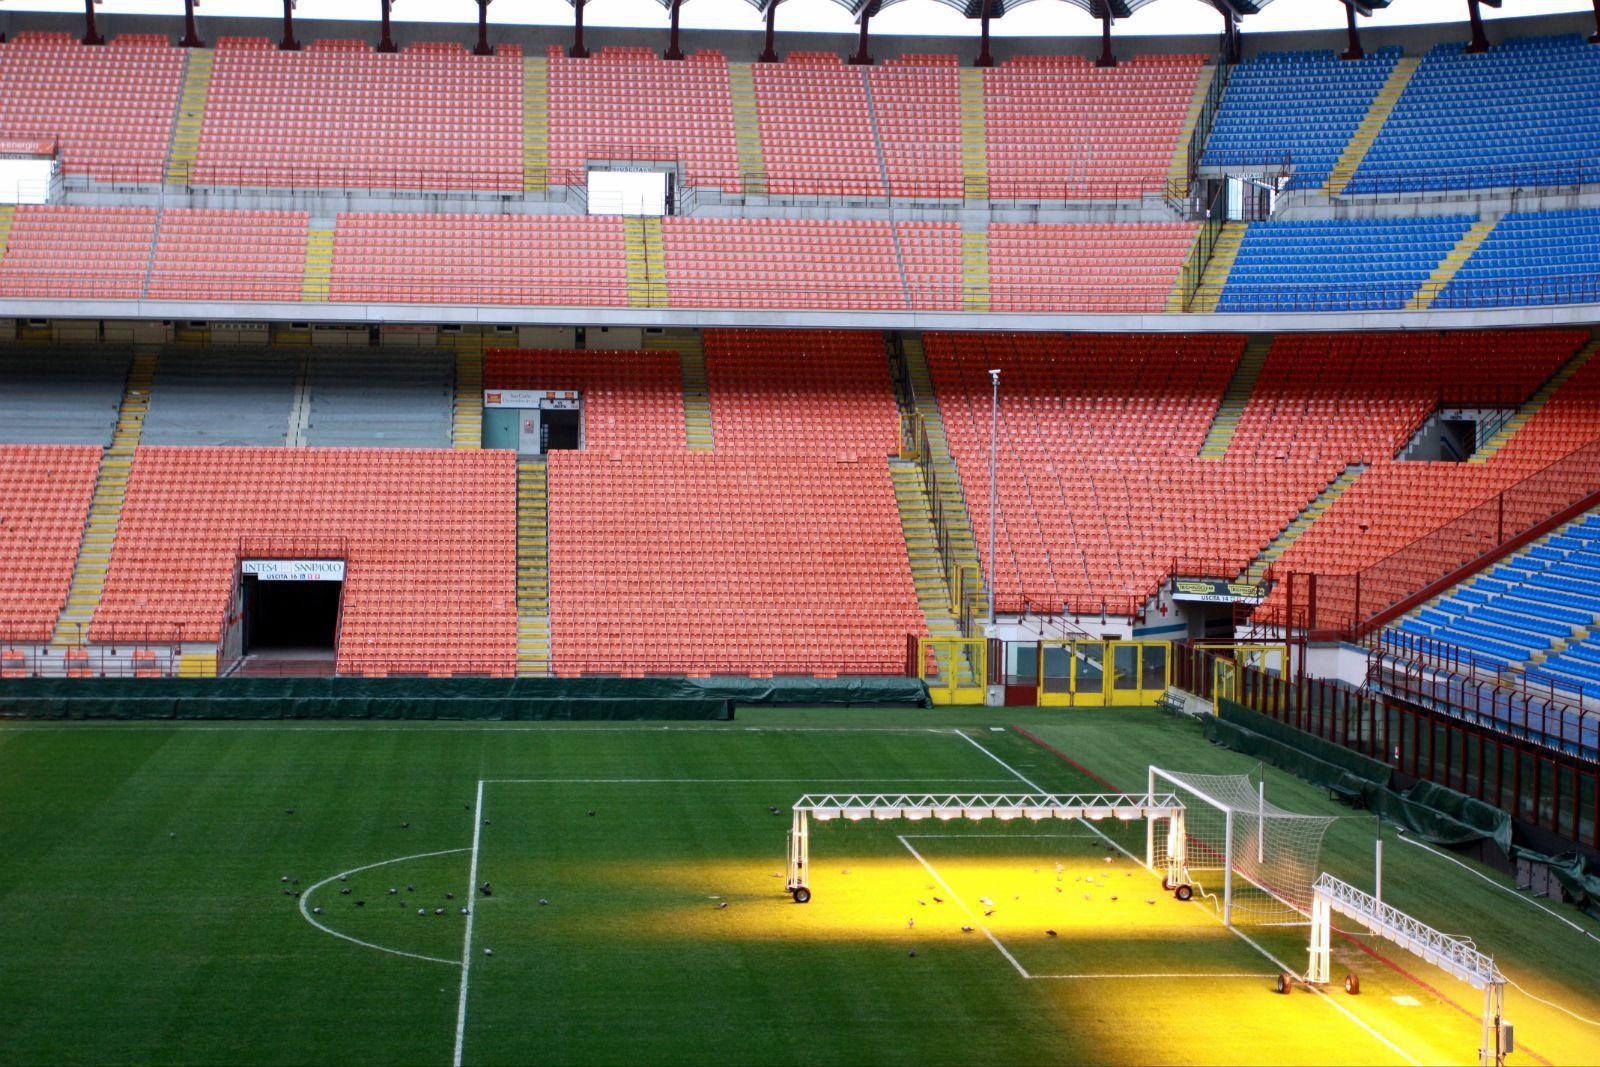 圣西羅(梅阿查)球場圖片